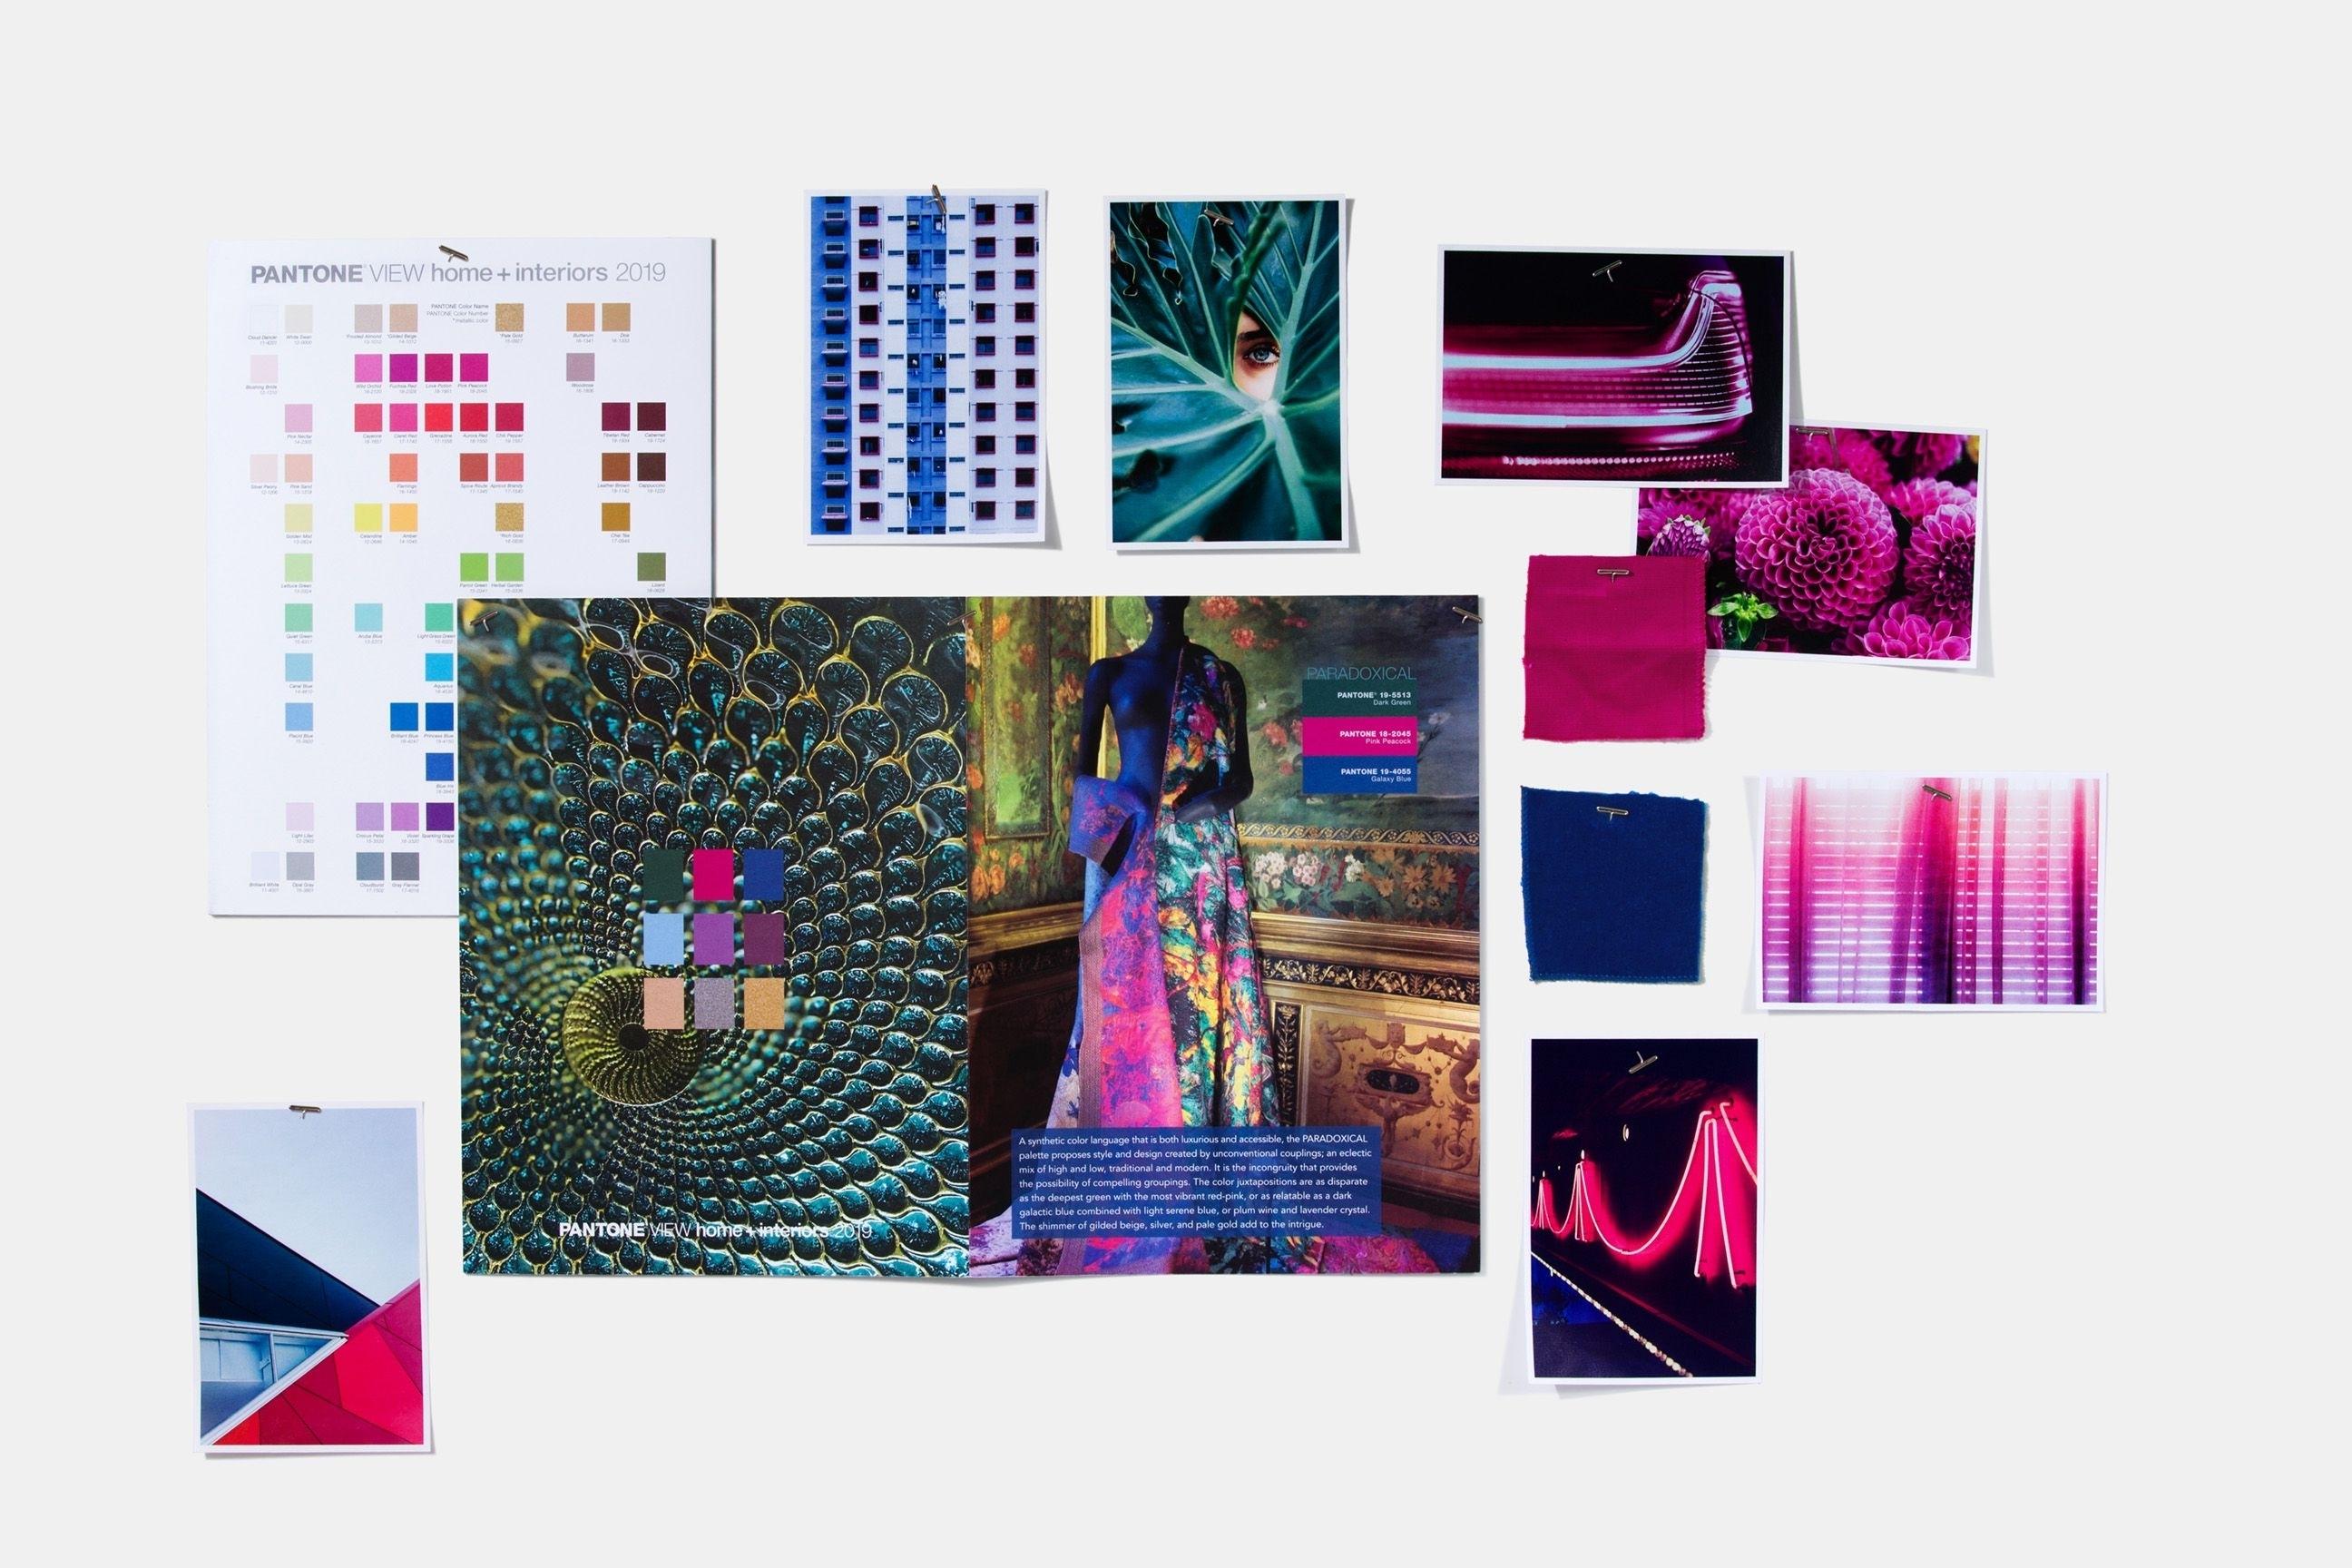 Модные оттенки в дизайне интерьера, которые будут иметь тенденцию к 2019 году